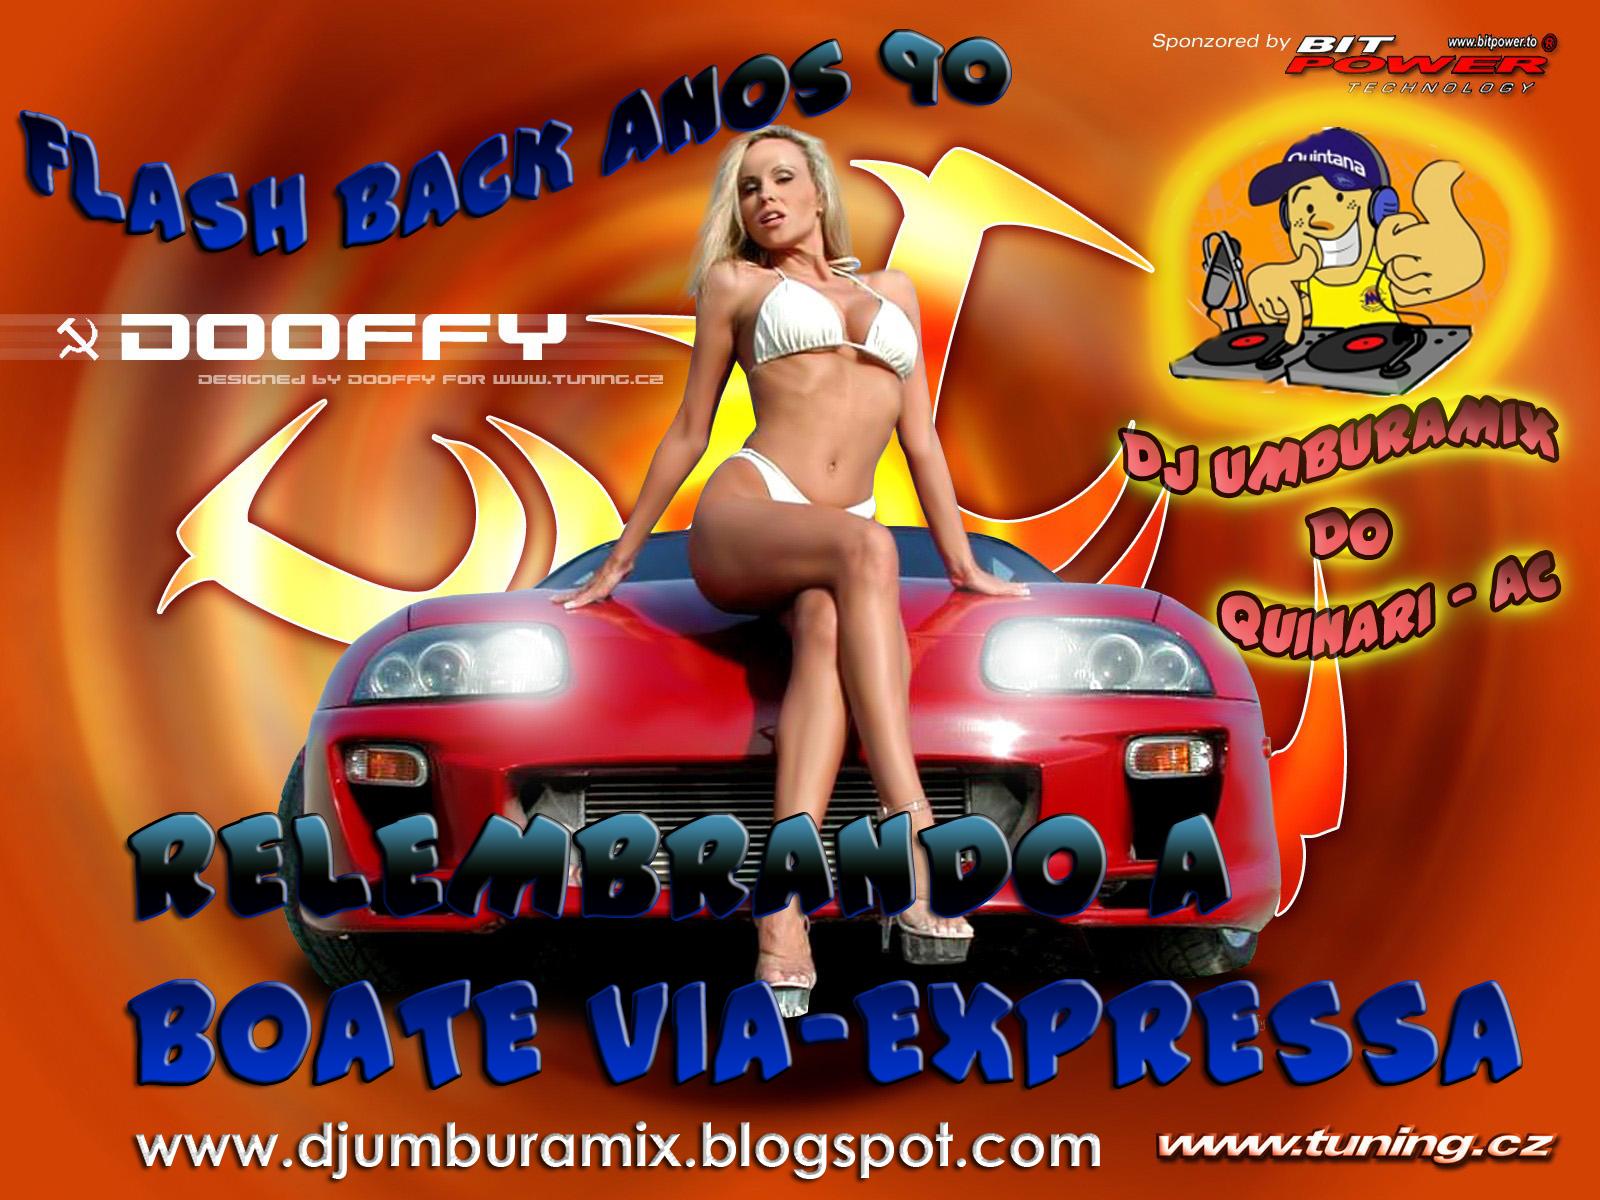 http://3.bp.blogspot.com/-uPx_k9IAzbQ/Tm47uEvqdsI/AAAAAAAADBQ/KCuRVTE-_Vw/s1600/relembrando%2Ba%2BBoate%2BVia-Expressa%2B_%2BBy%2B_%2BDJ%2BUmburamix%2B_%2BQuinari%2B-%2BAC..jpg